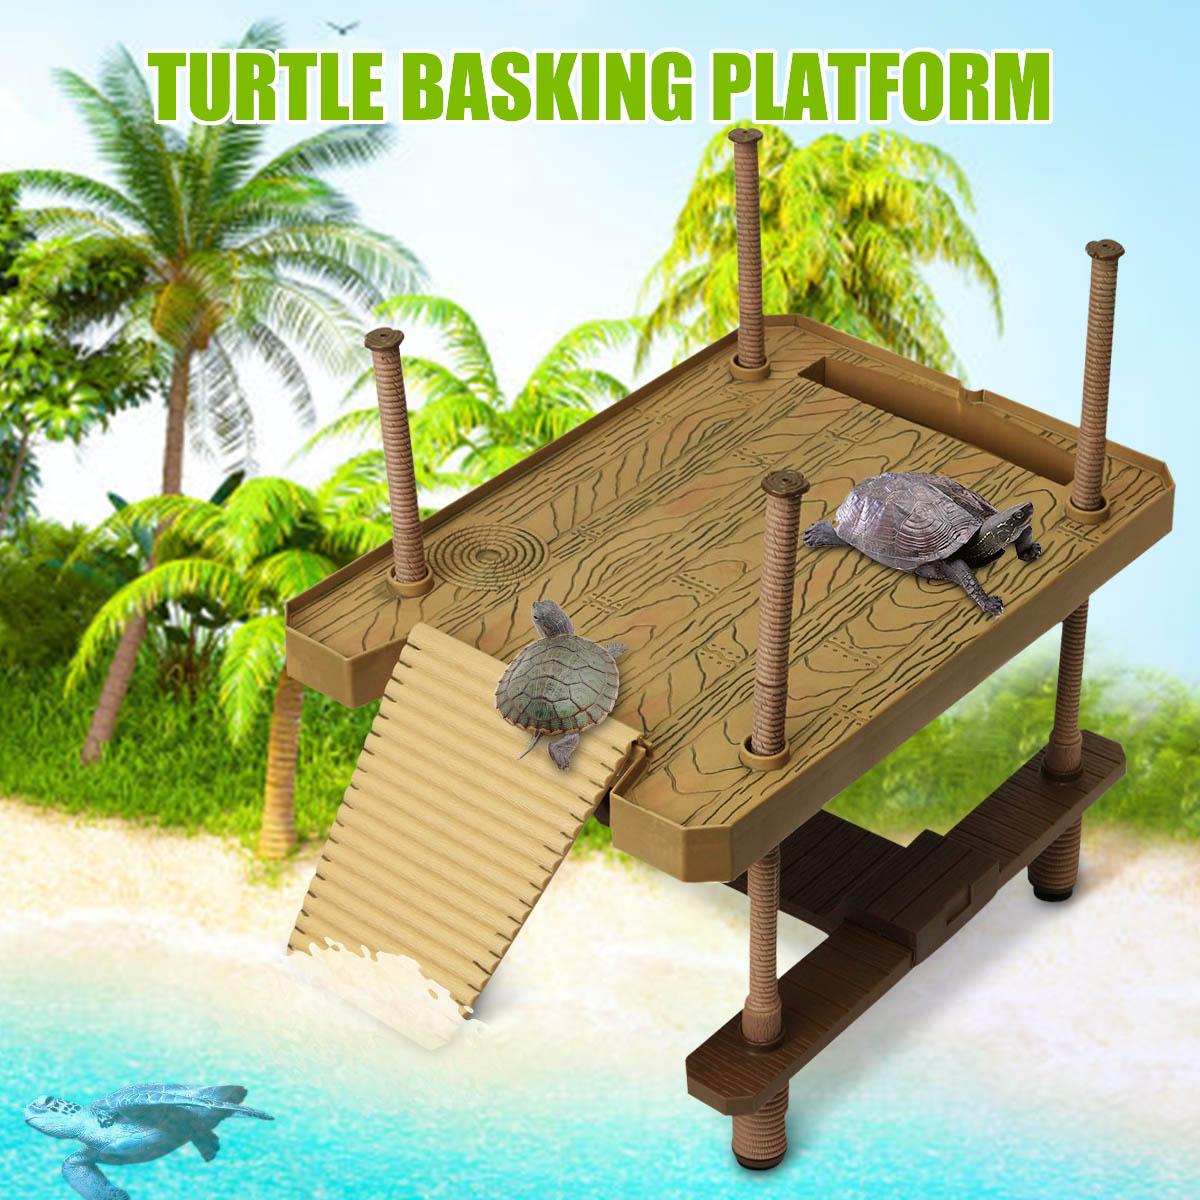 Aquário ornamentos réptil tartaruga pier flutuante basking plataforma 41x28 cm tanque de aquário decoração anfíbio lazer mesa quadrada